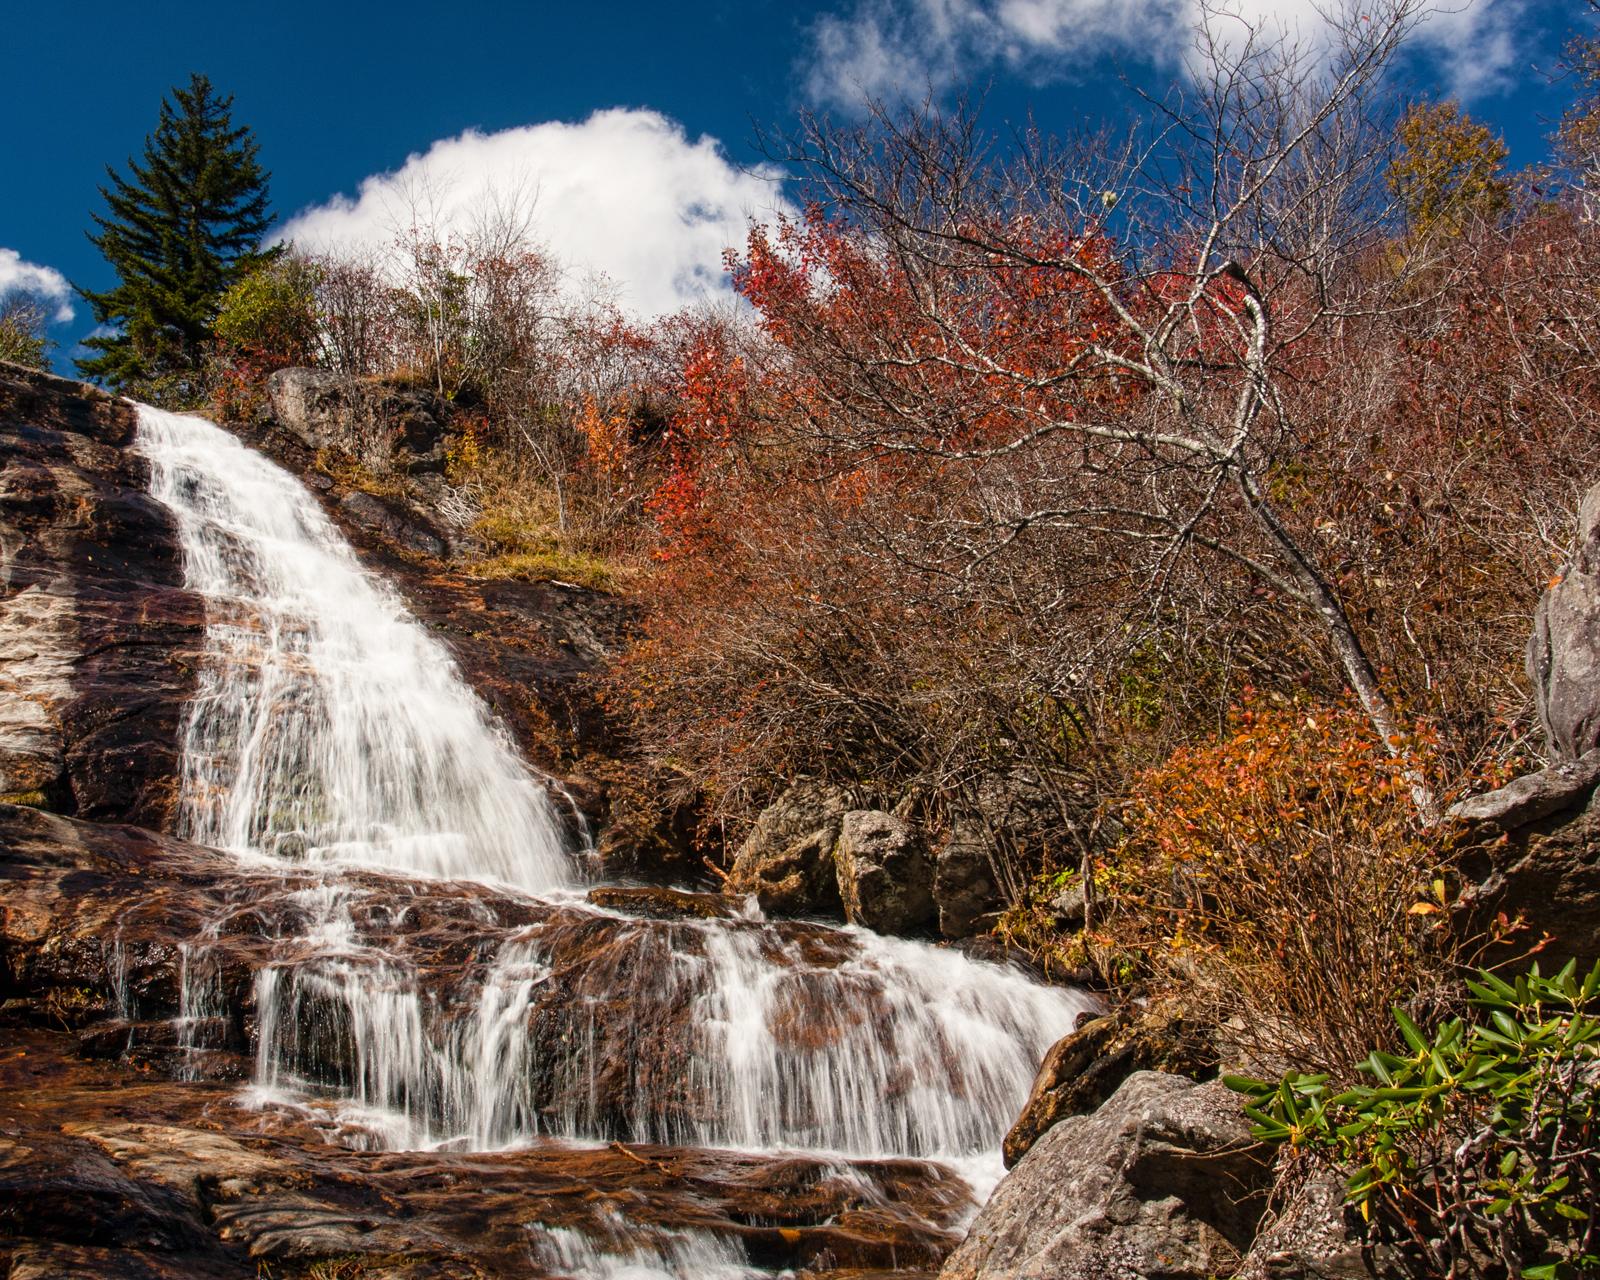 Crabtree Falls and Graveyard Falls | Matthew Paulson Photography